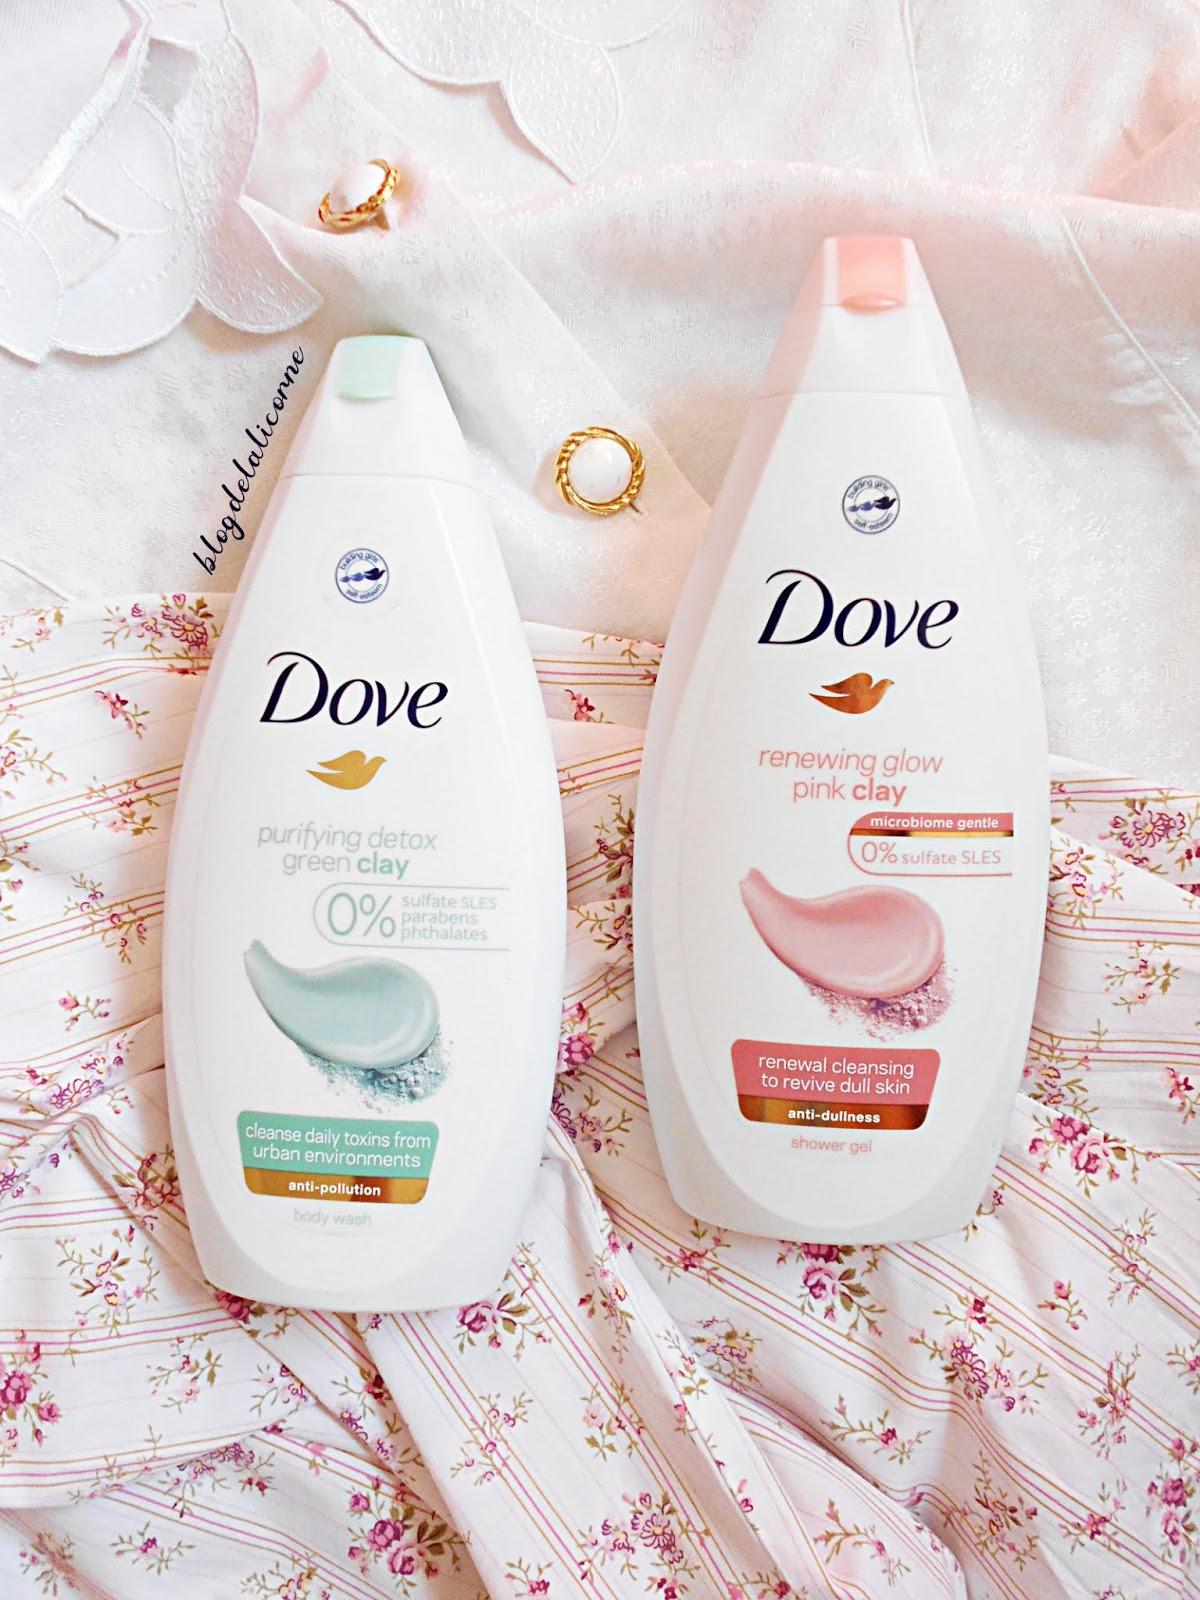 Dove Renewing Glow Pink Clay sprchový gél Dove Purifying Detox Green Clay sprchový gél